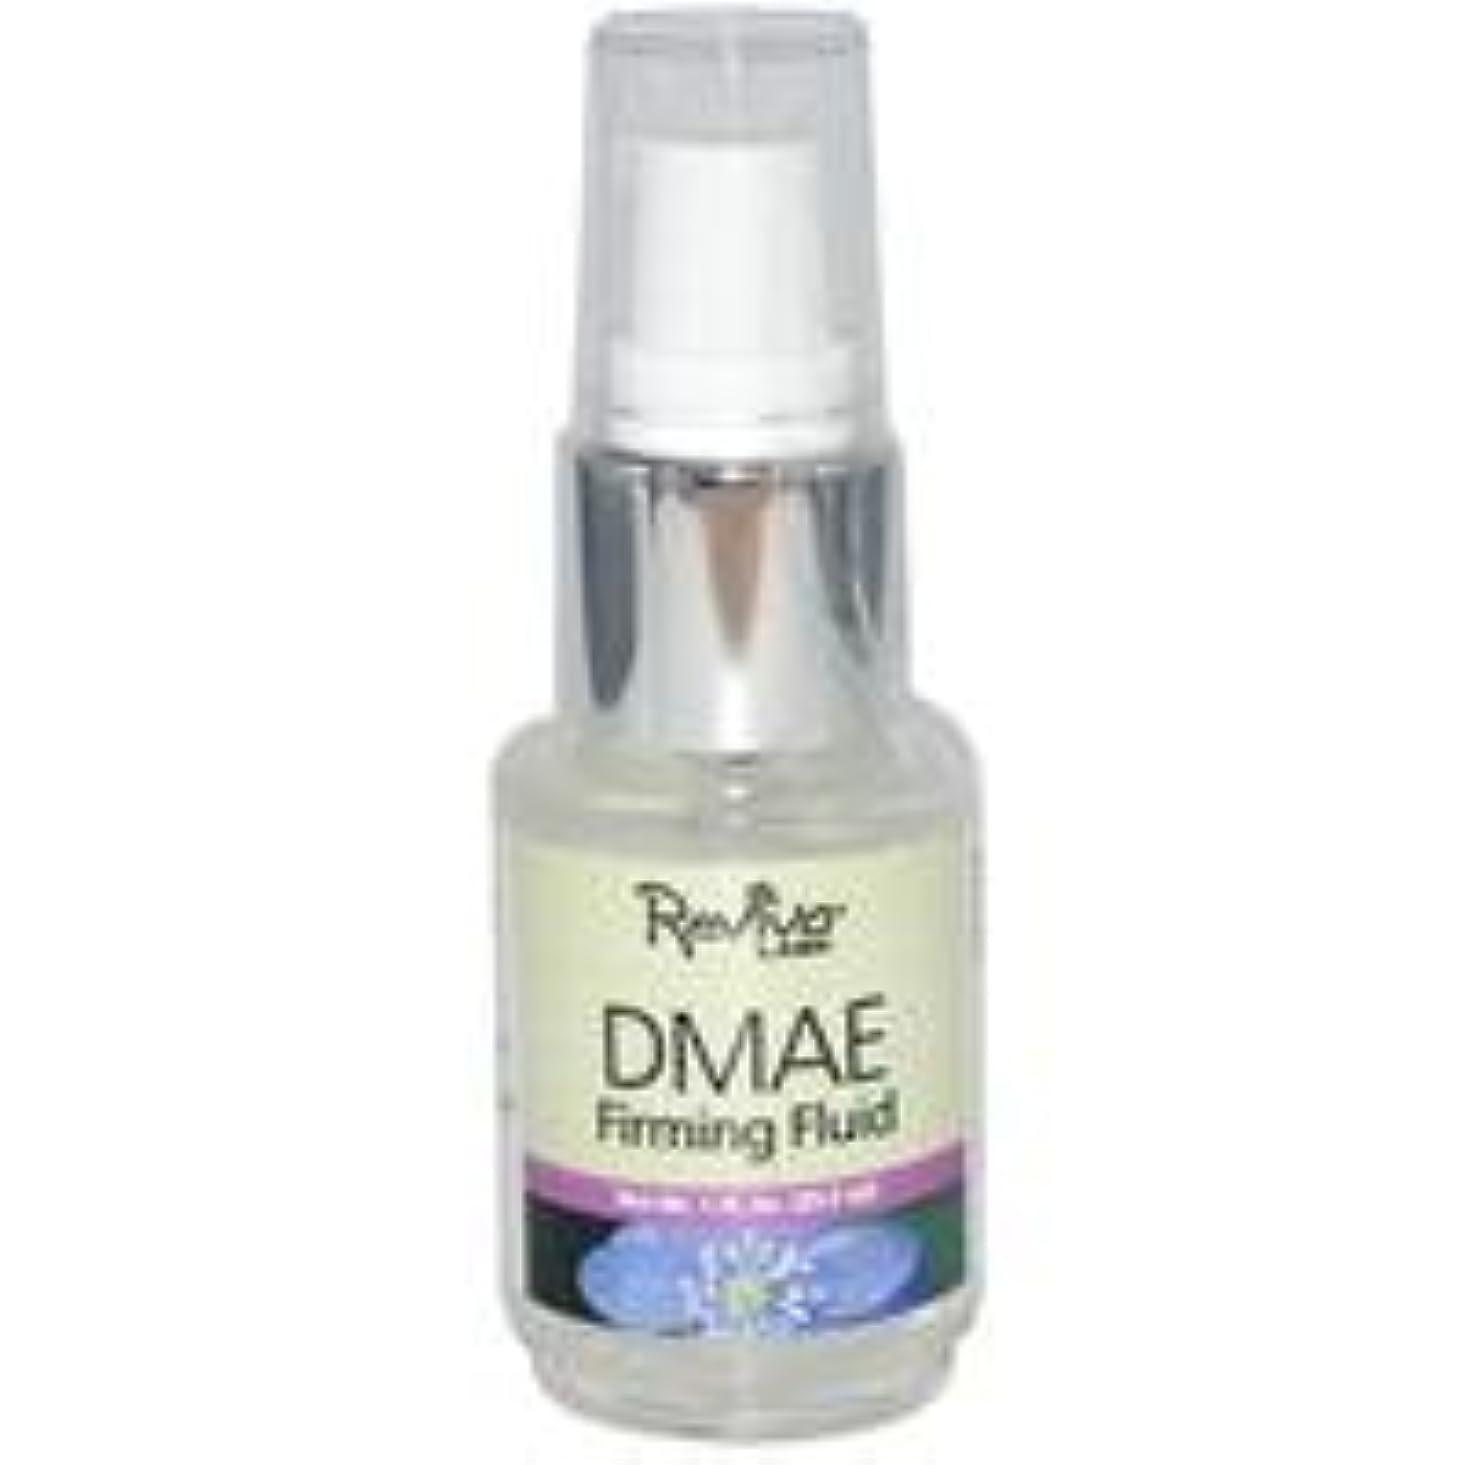 [海外直送品] レビバ(Reviva) DMAE ファーミングフルイド(DMAE配合ジェル状美容液) 30ml